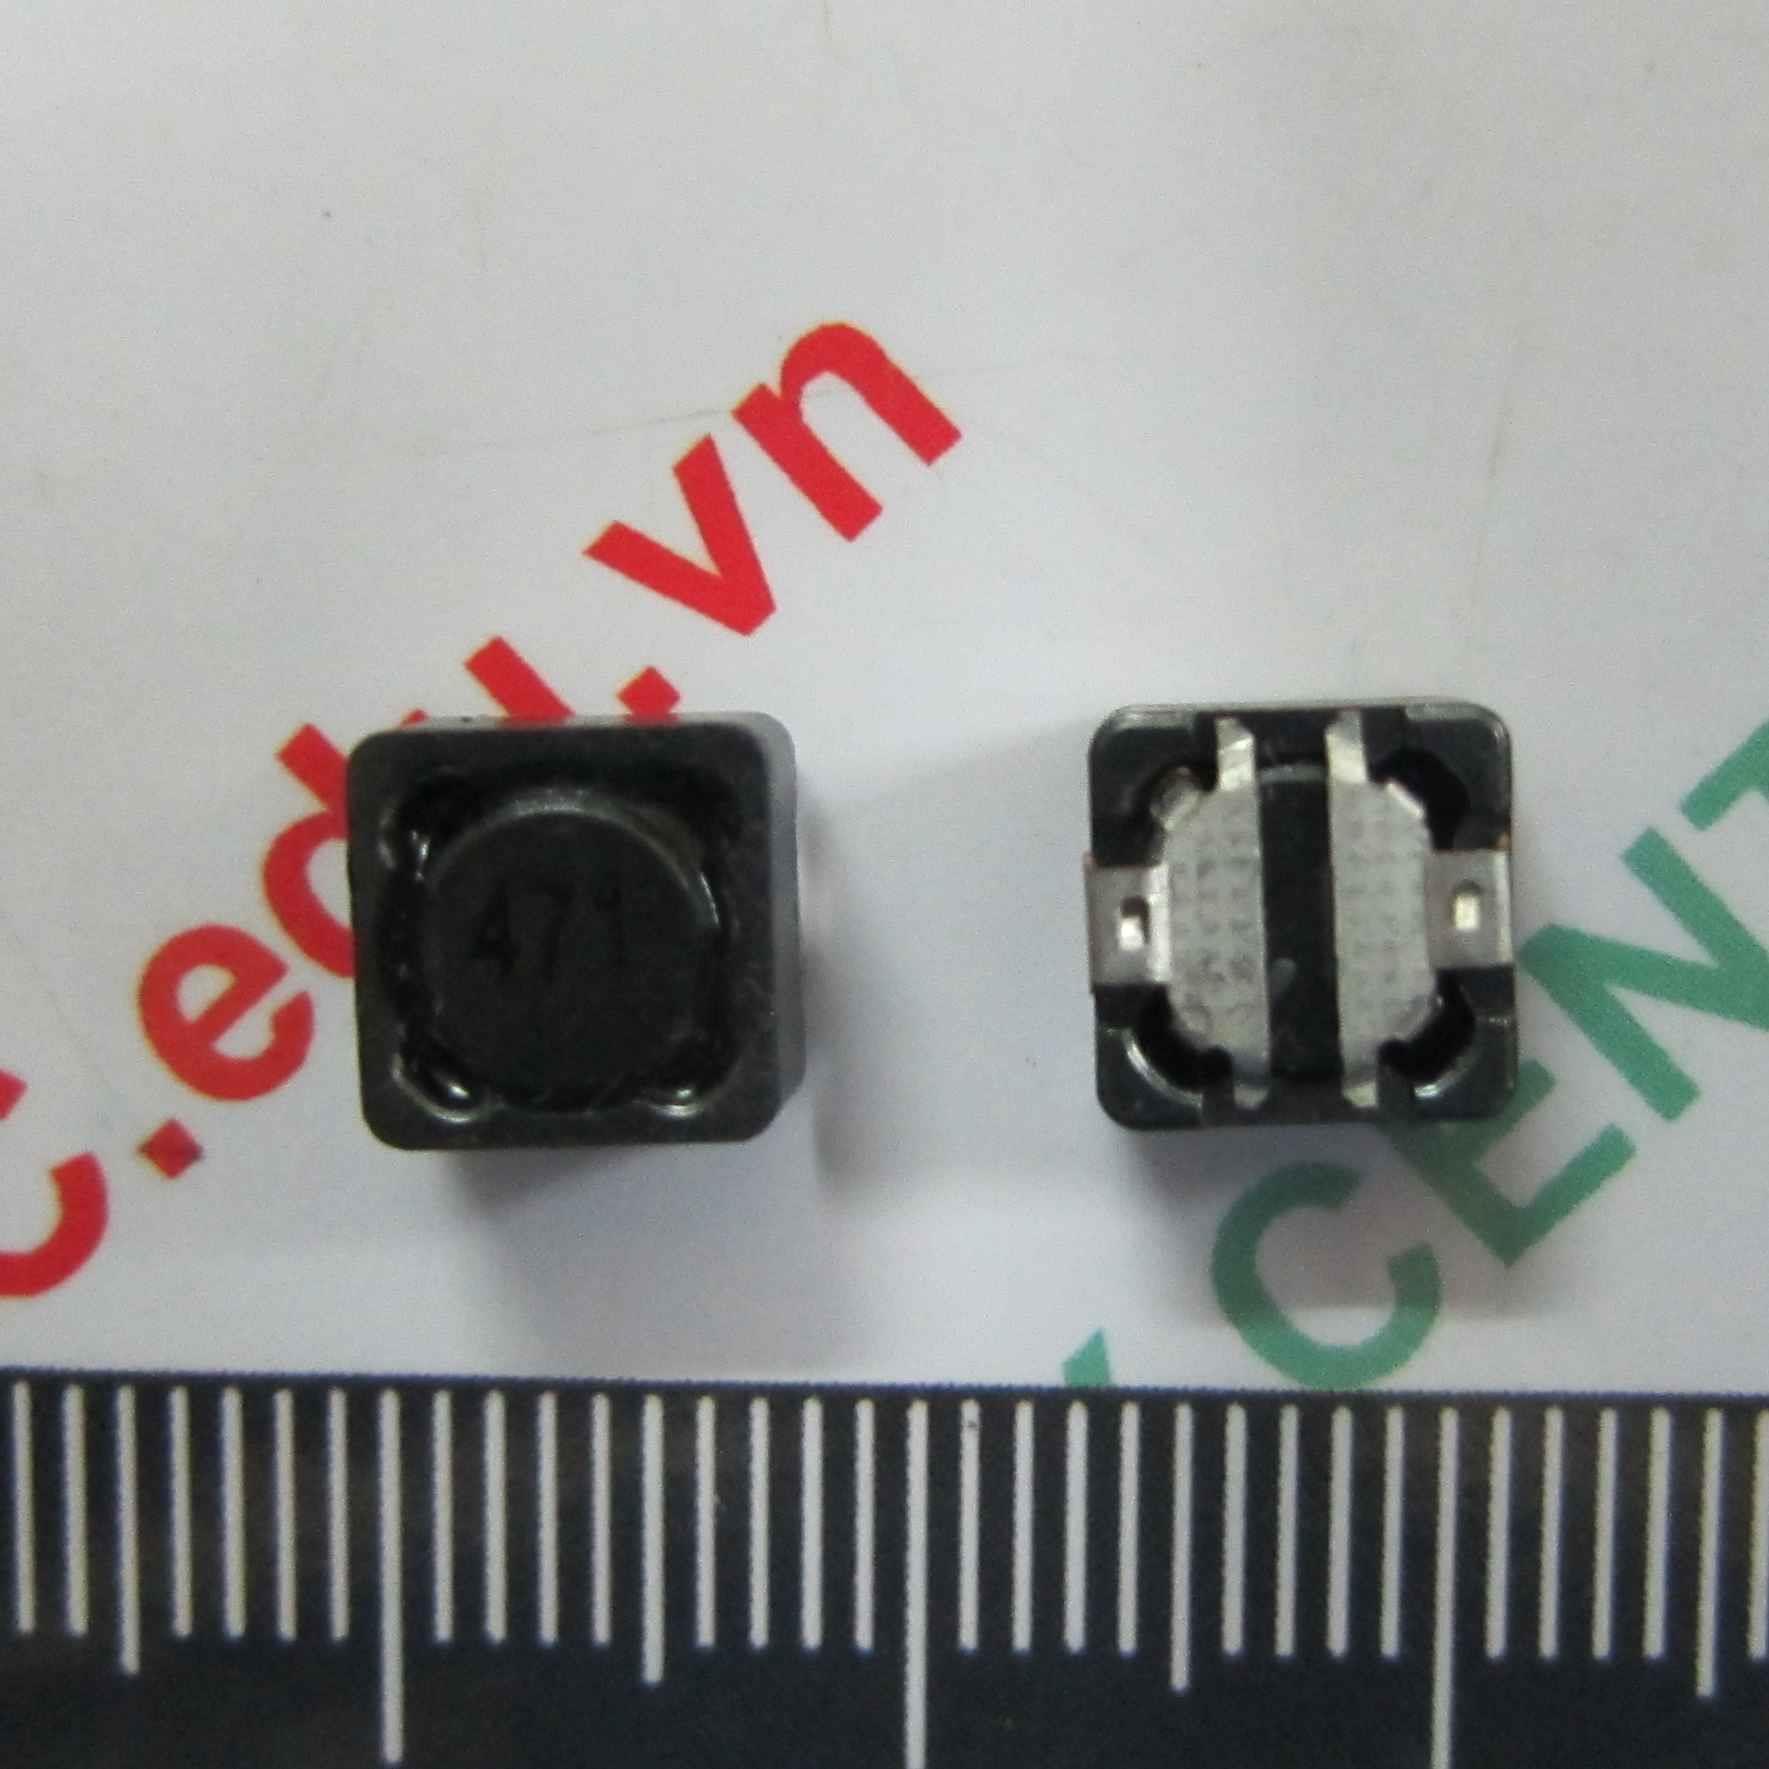 CUỘN CẢM SMD 220uH 7.4x7.4mm CD74R 0.4A - B10H17